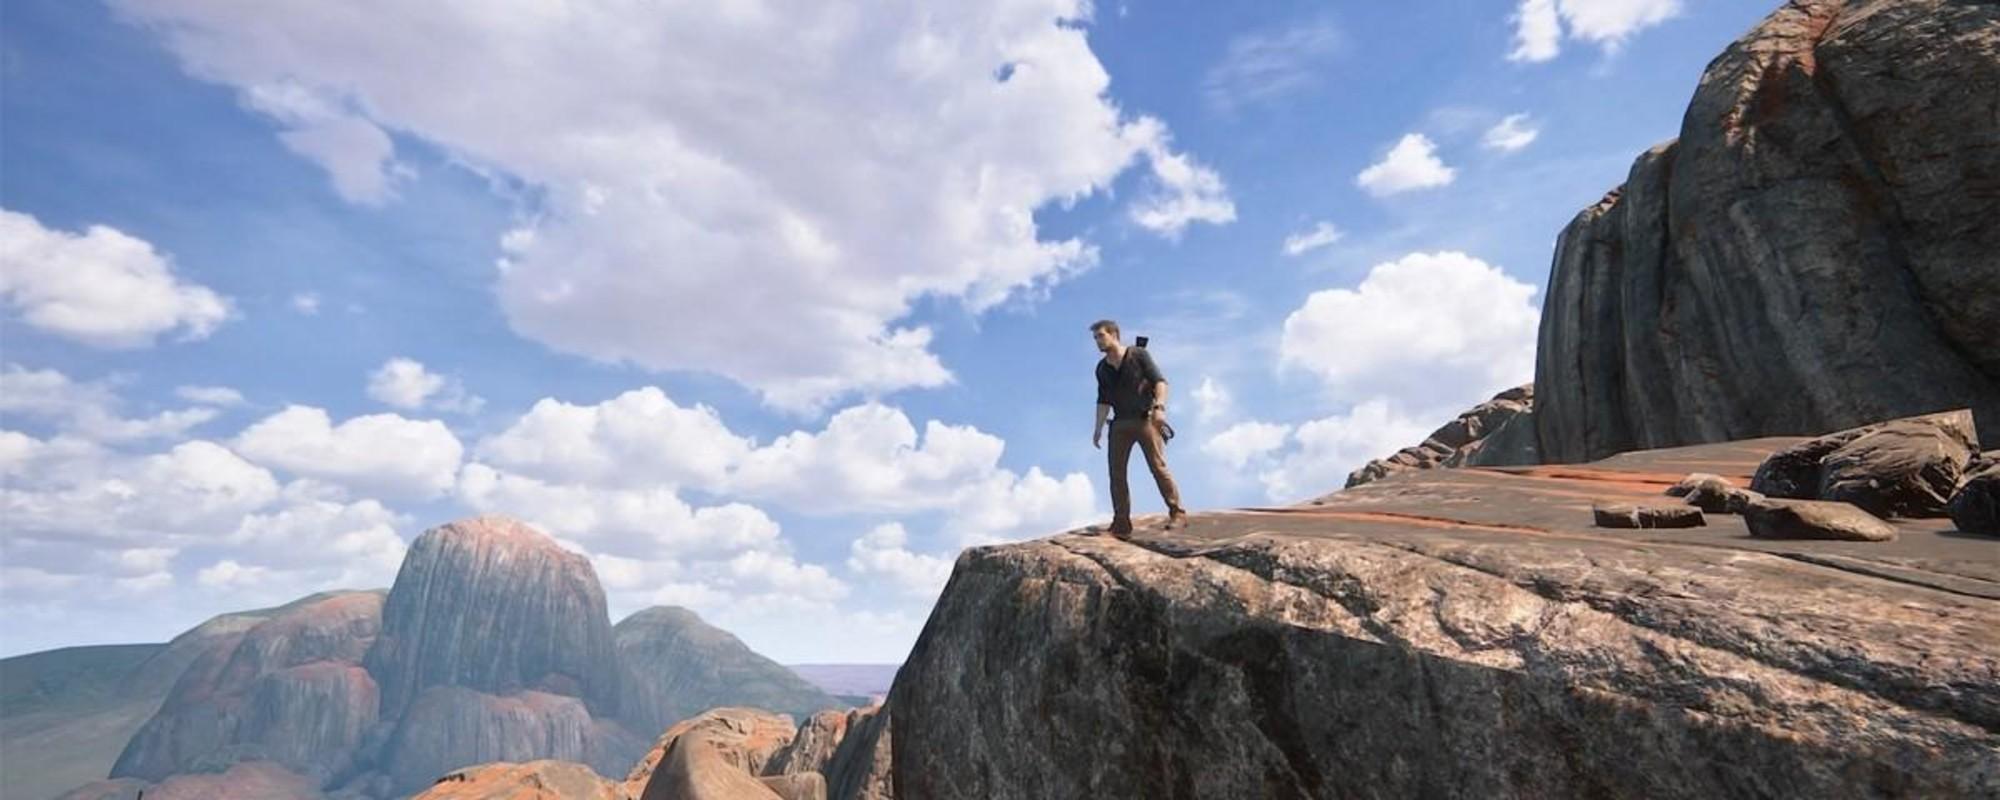 Vale, de acuerdo, 'Uncharted 4' es seguramente el juego más bonito de la historia